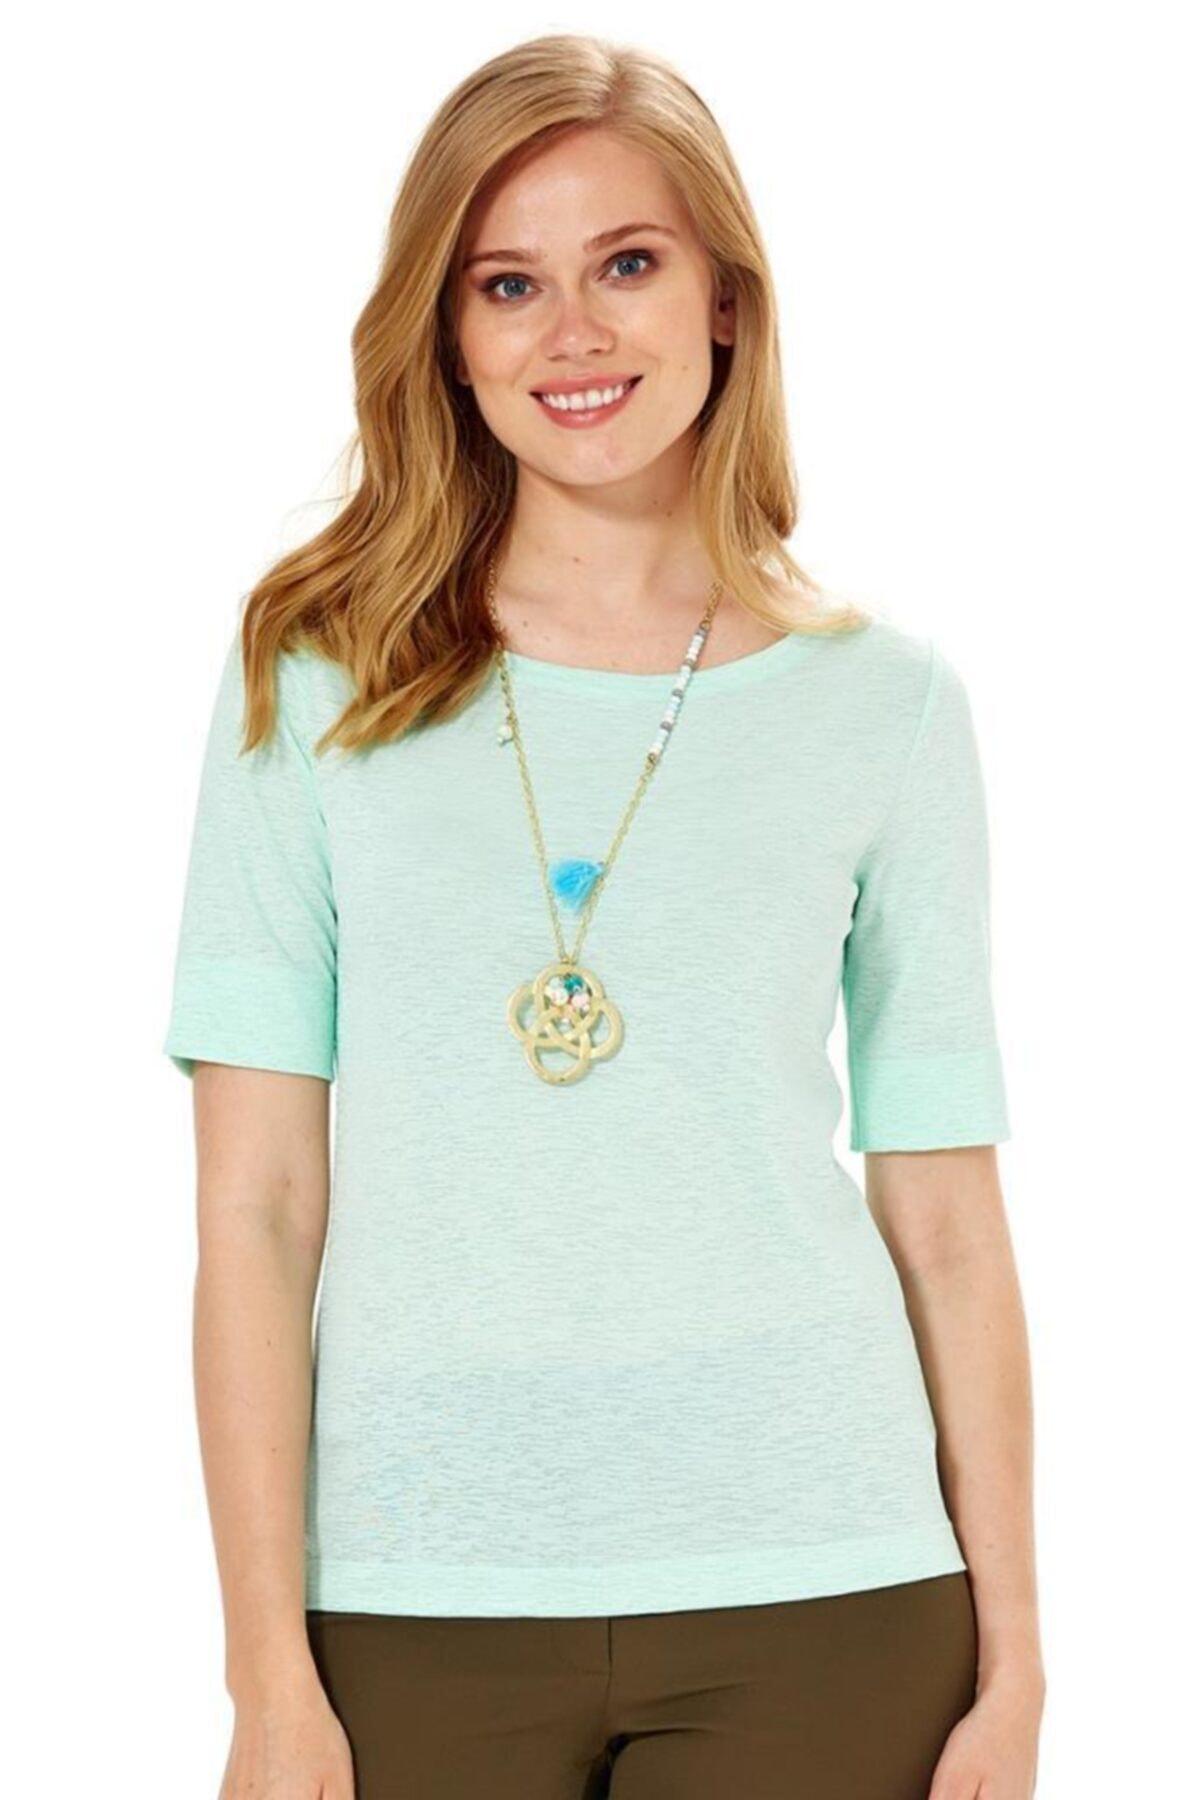 Kadın Mint Yeşili Kısa Kol Kol Ucu Yırtmaçlı Bluz 018-1609